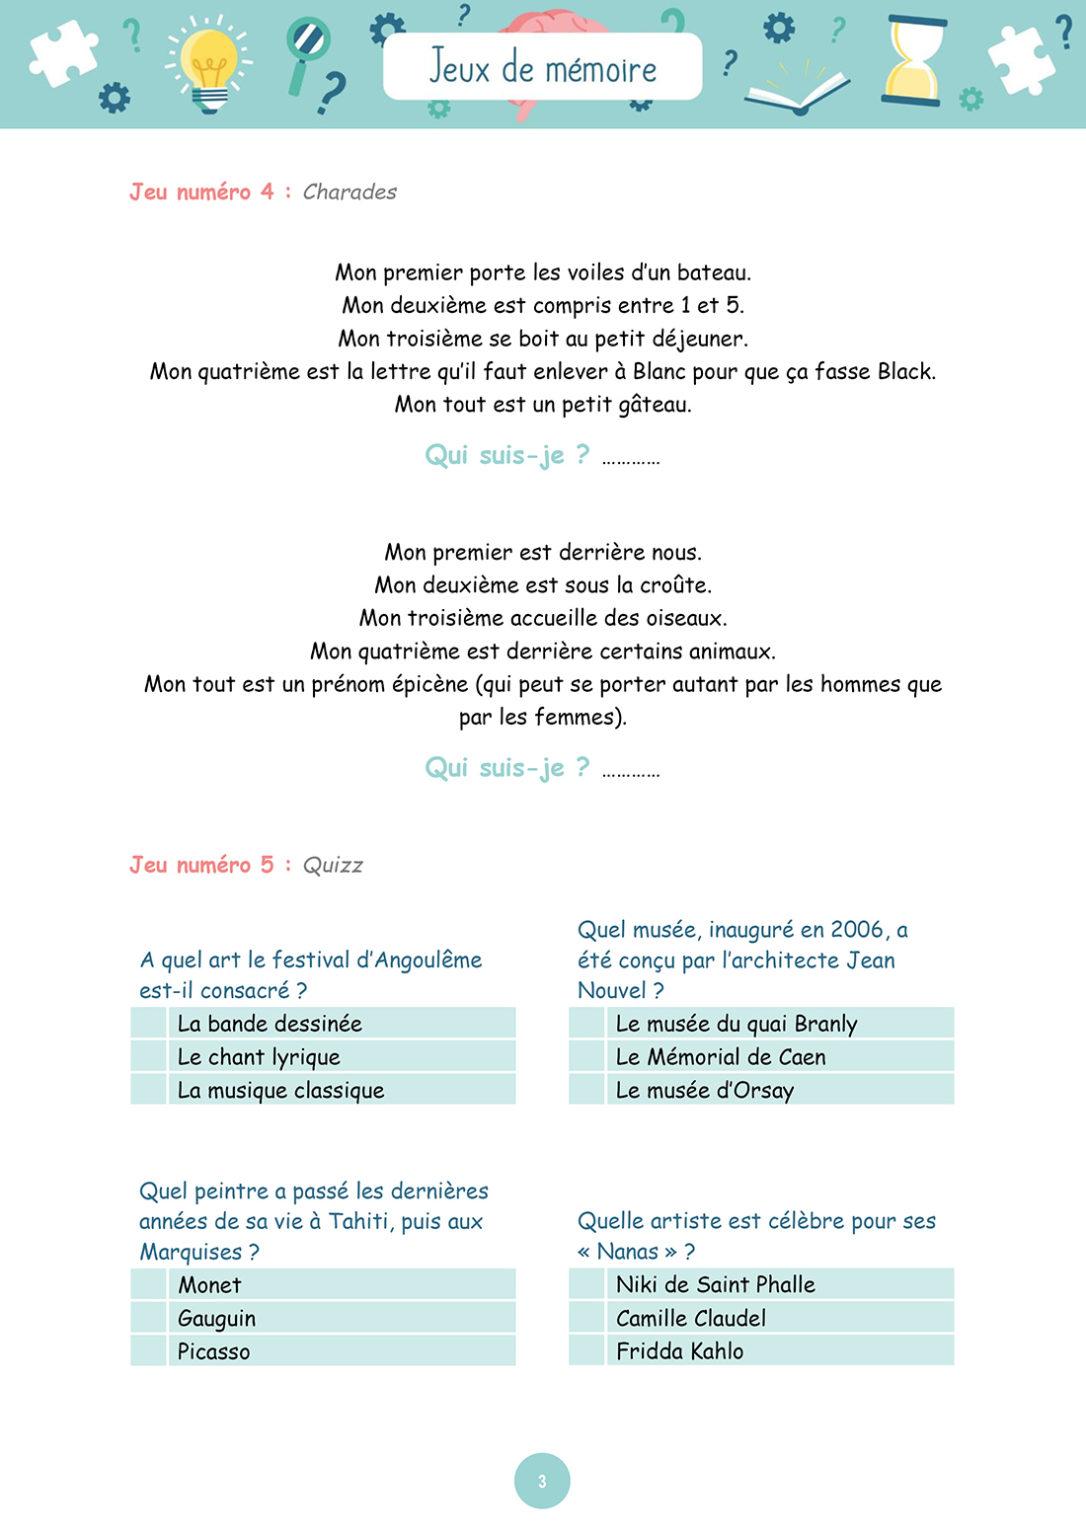 Jeux de mémoire - Mardi 20 avril 2021 - Page 3